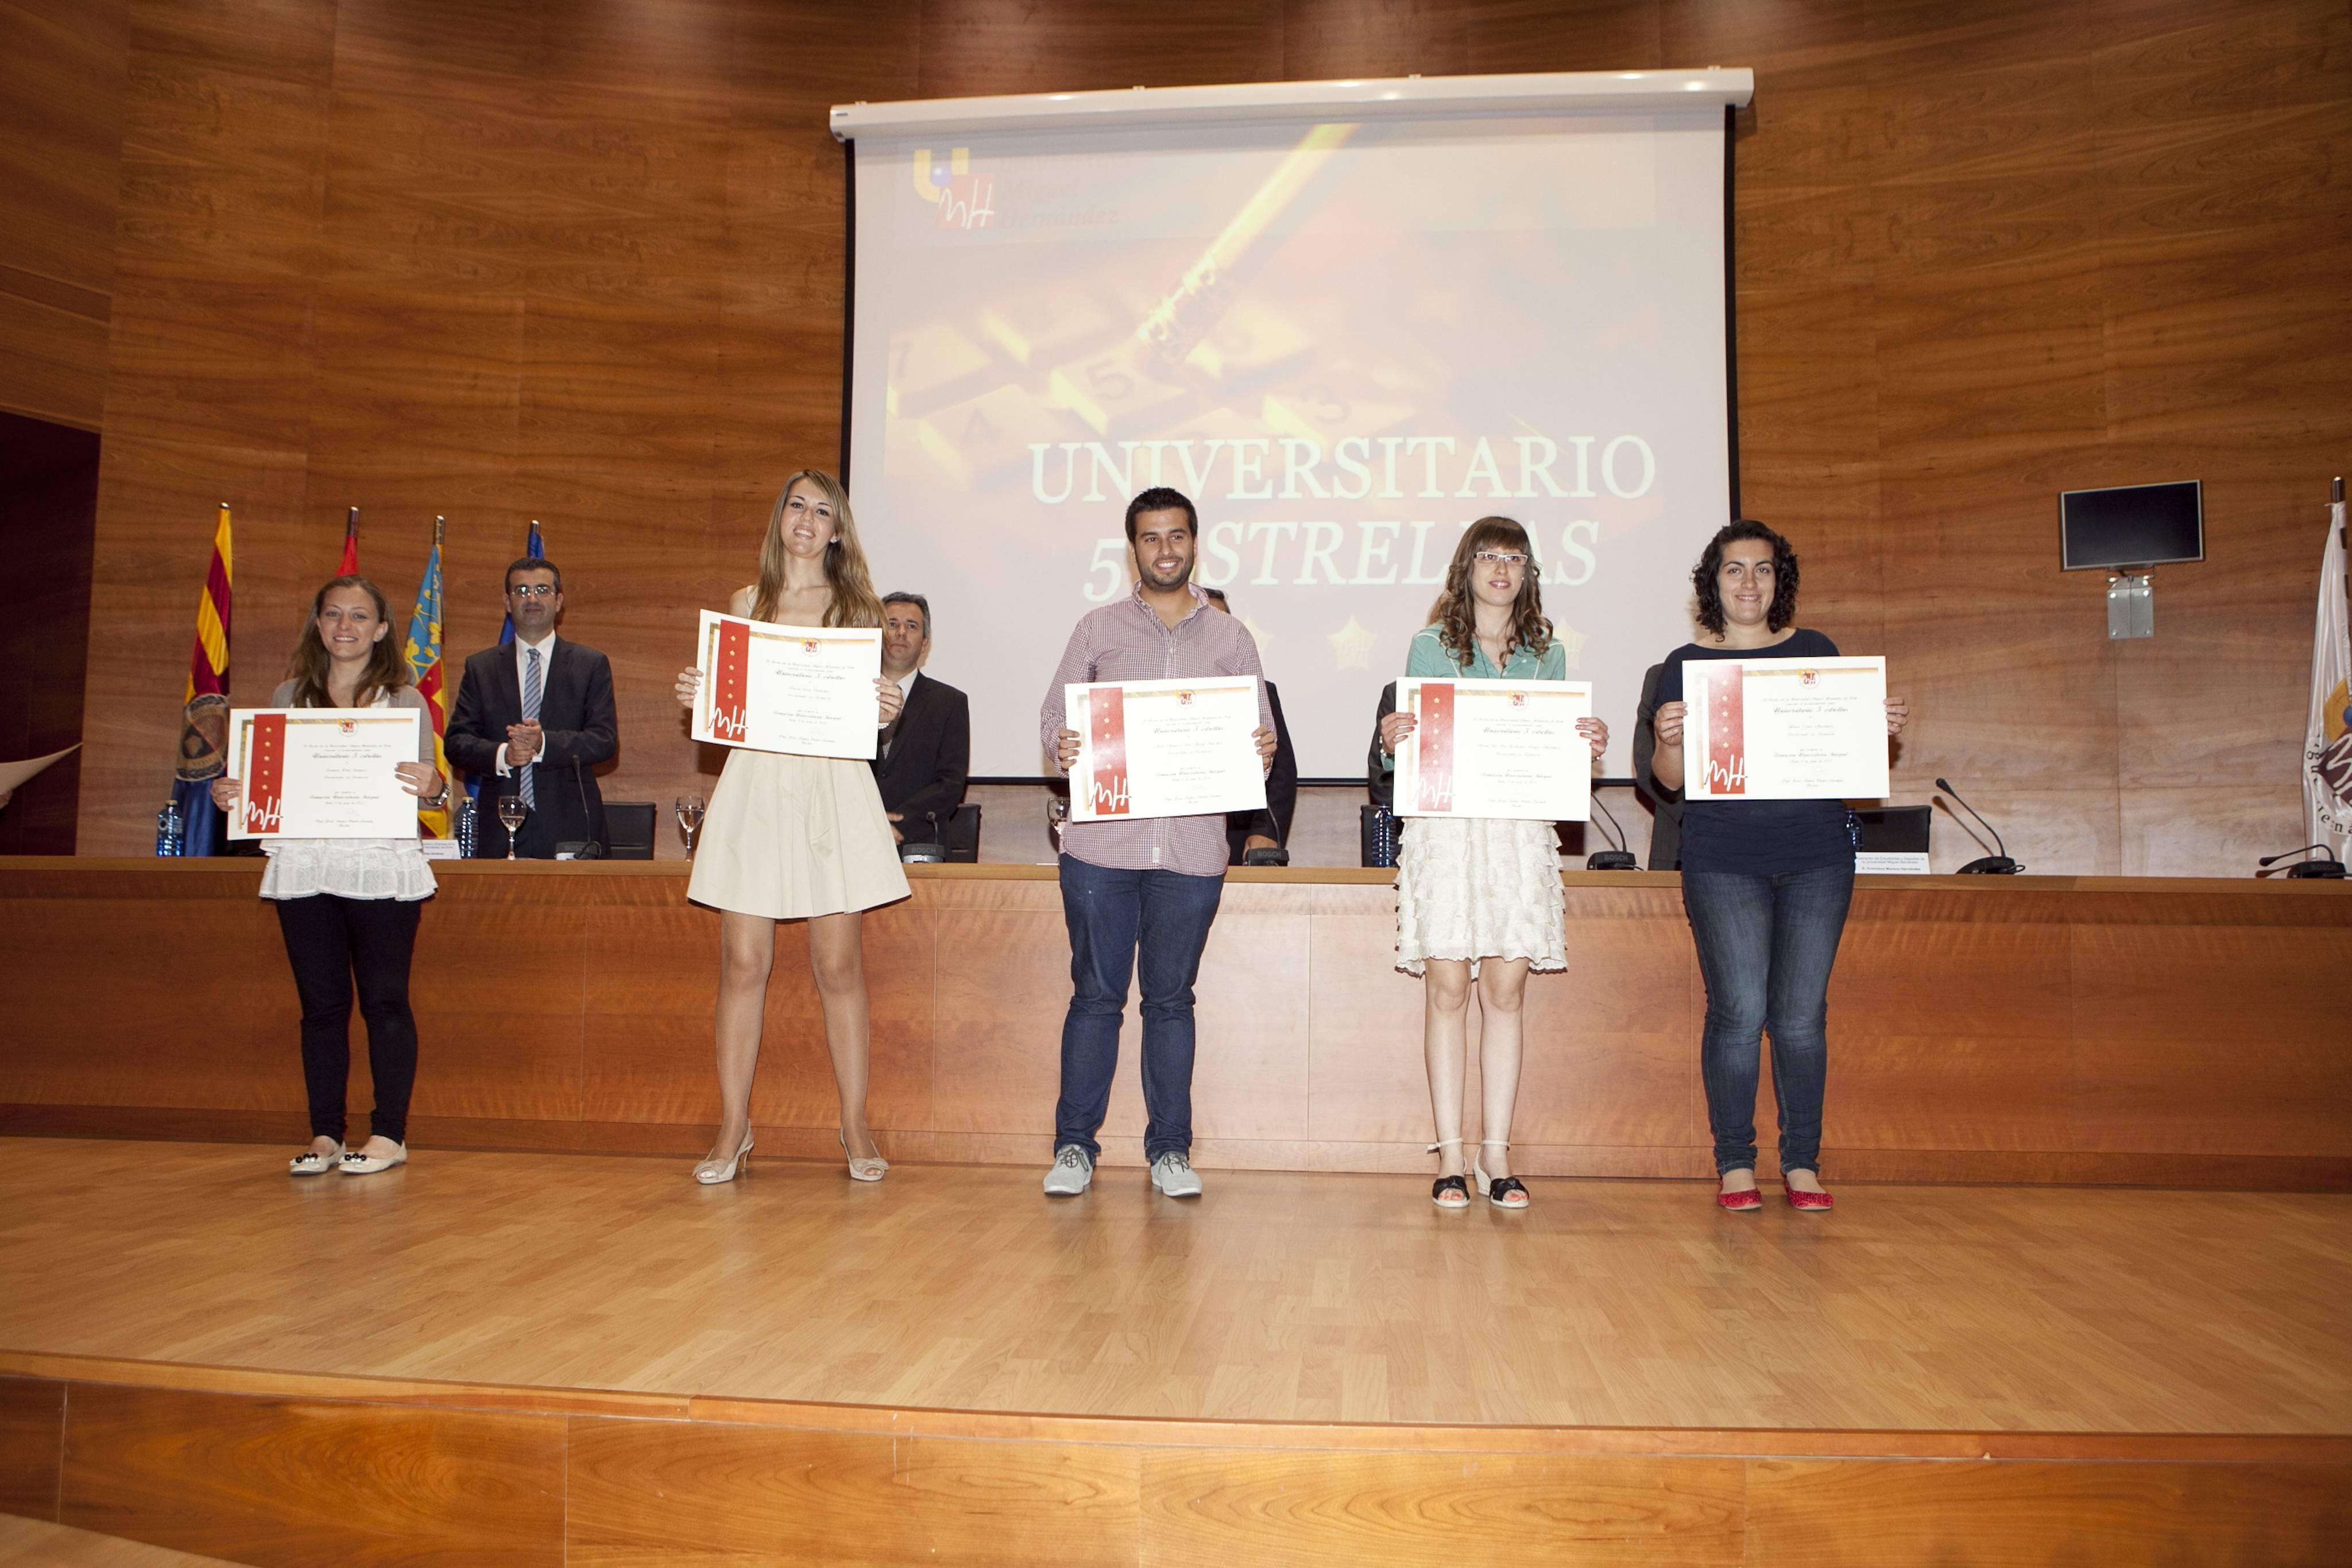 premios-5-estrellas_mg_0604.jpg